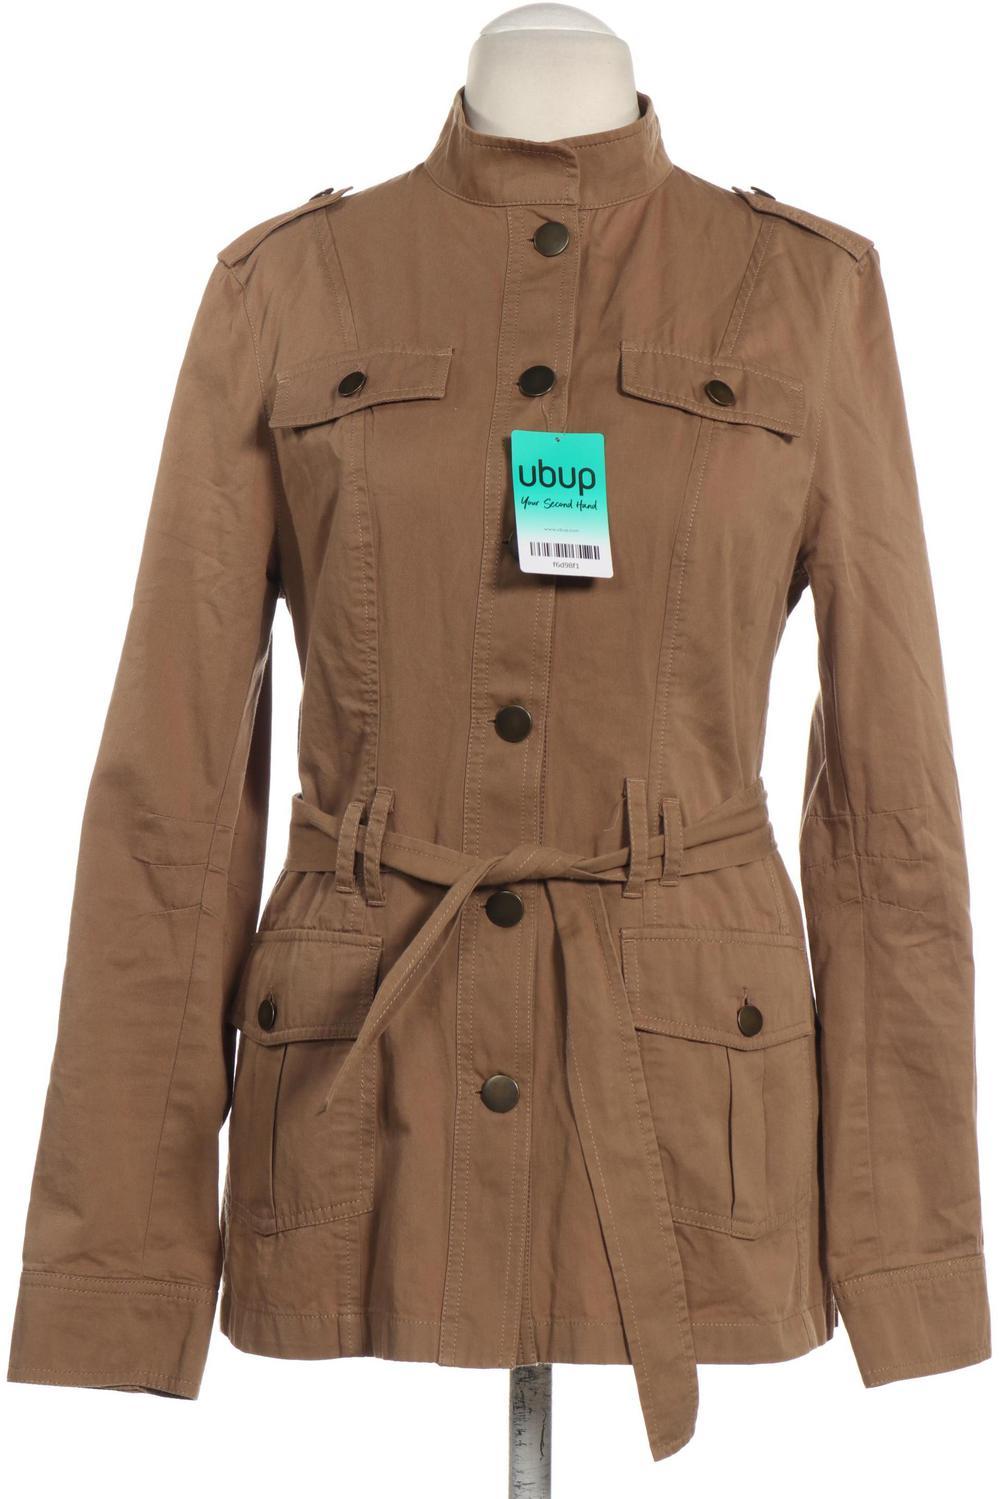 Details zu Promod Jacke Damen Mantel Gr. DE 36 Baumwolle beige #875dfa5